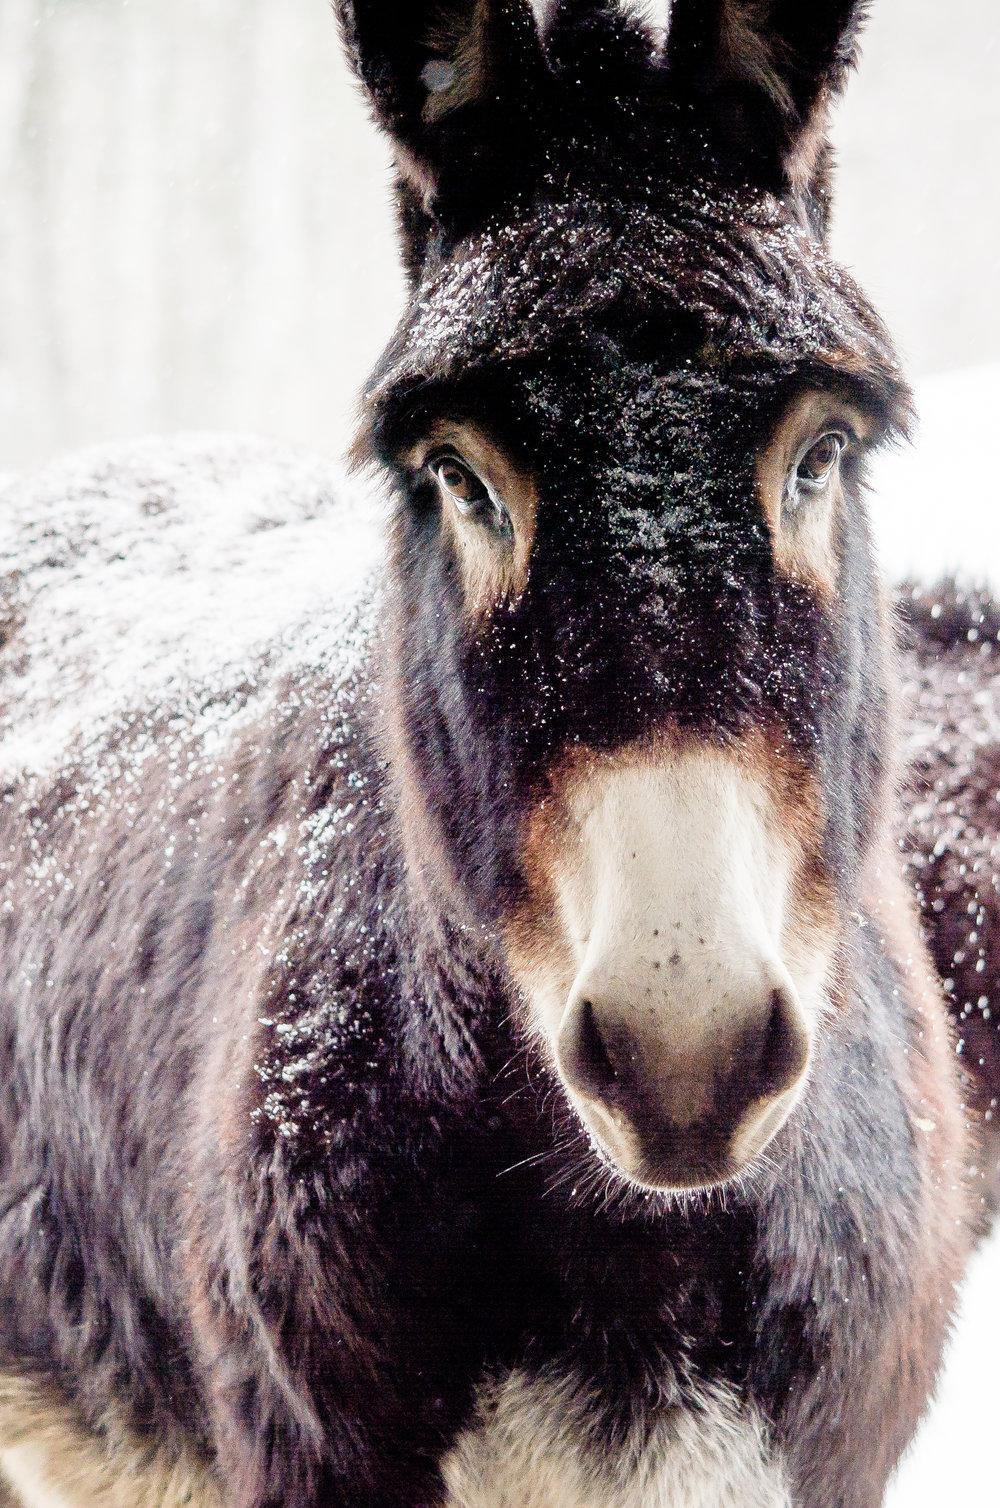 donkey_(c) catherine frost.jpg